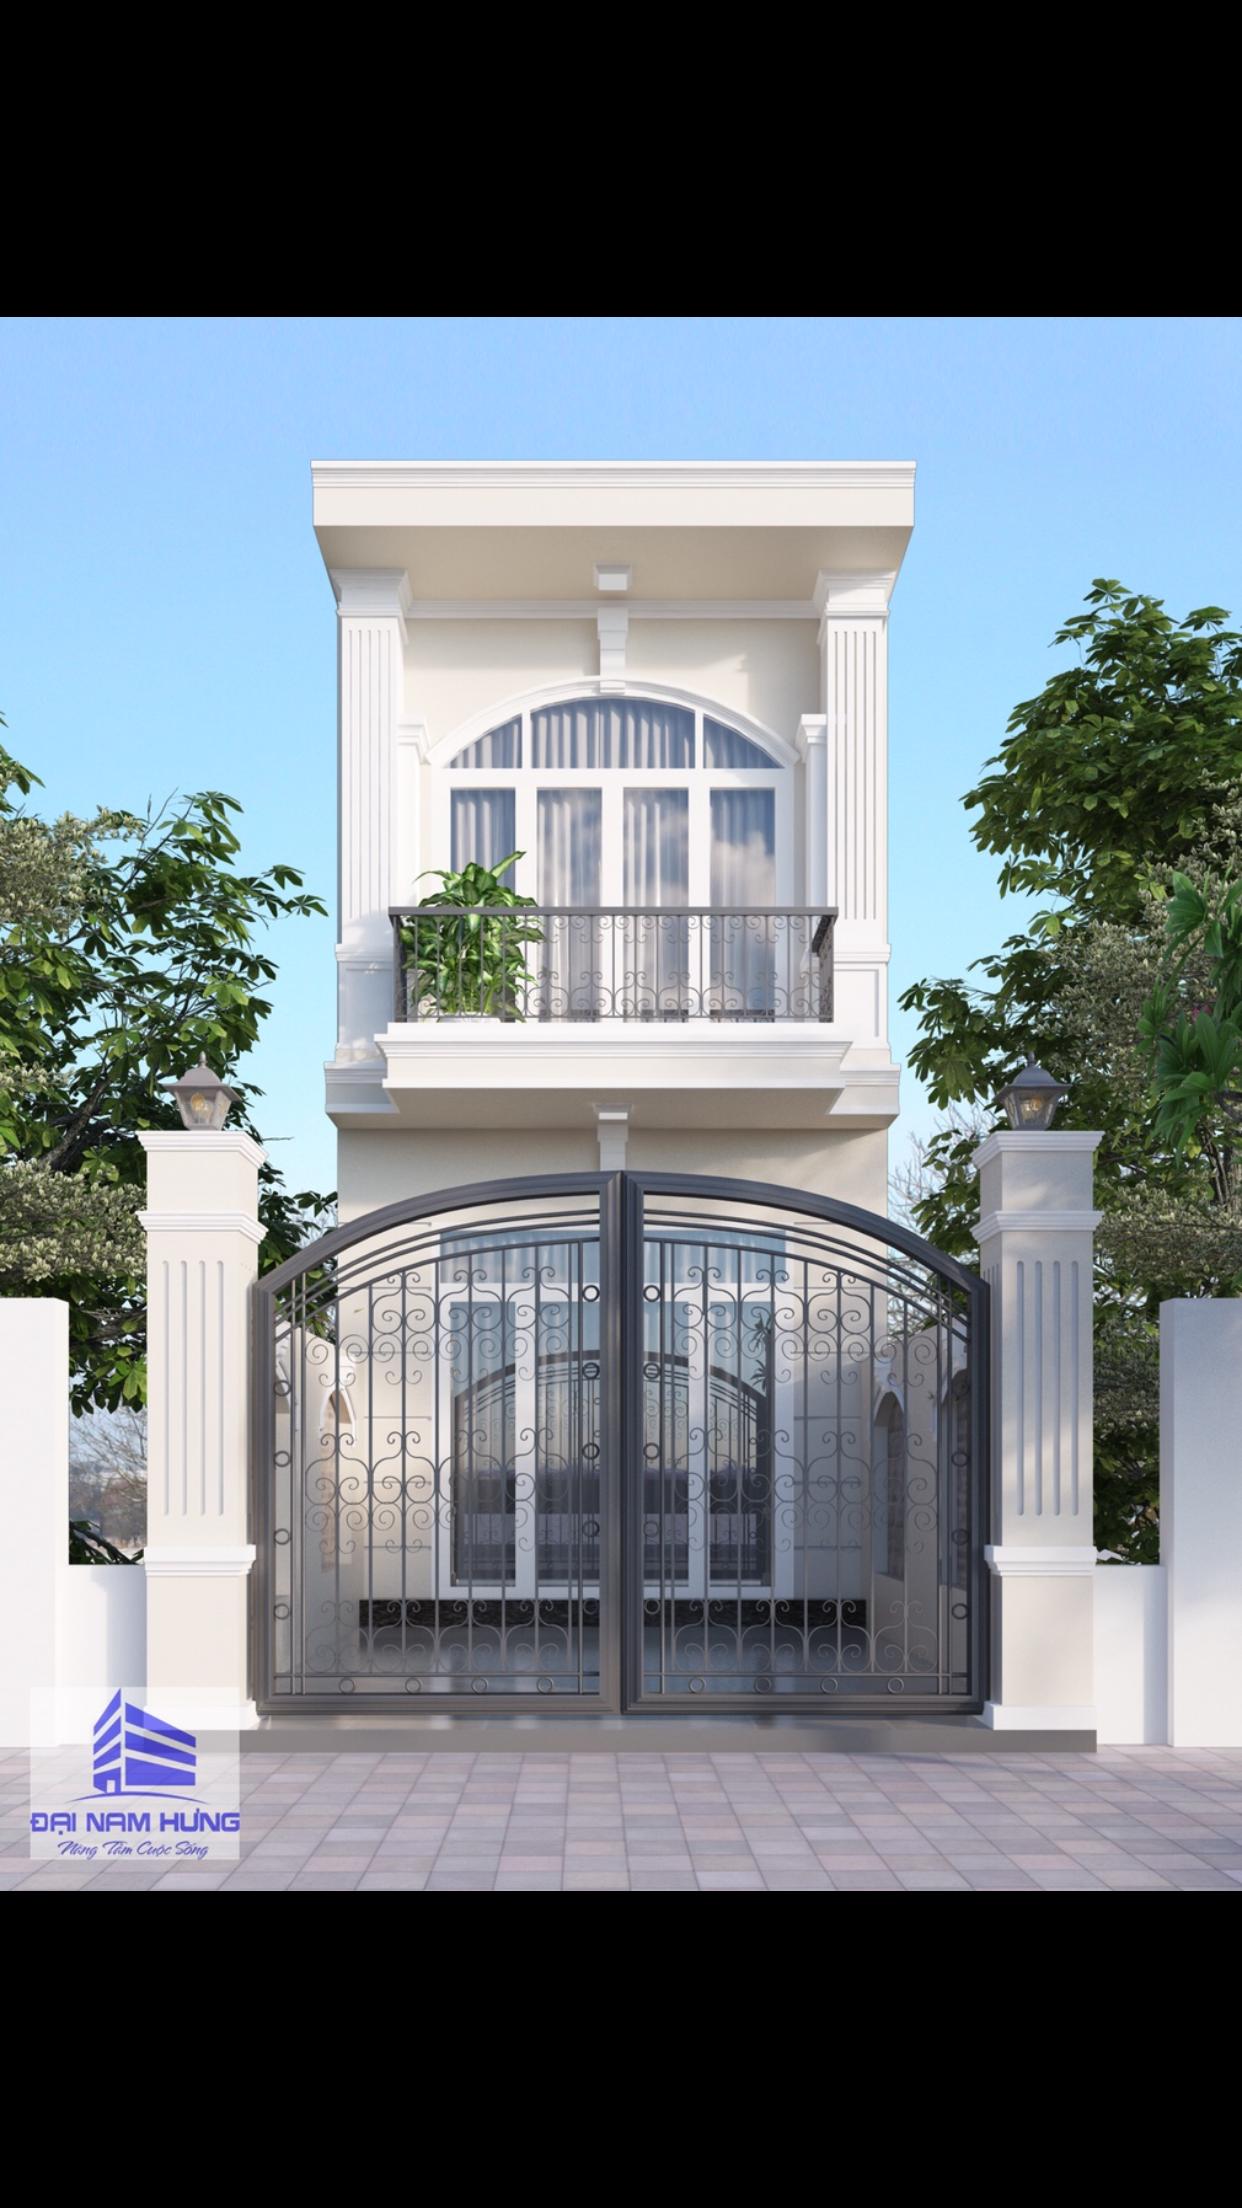 Cơ hội đầu tư giai đoạn đầu, dự án nhà phố Đại Nam Hưng 2.